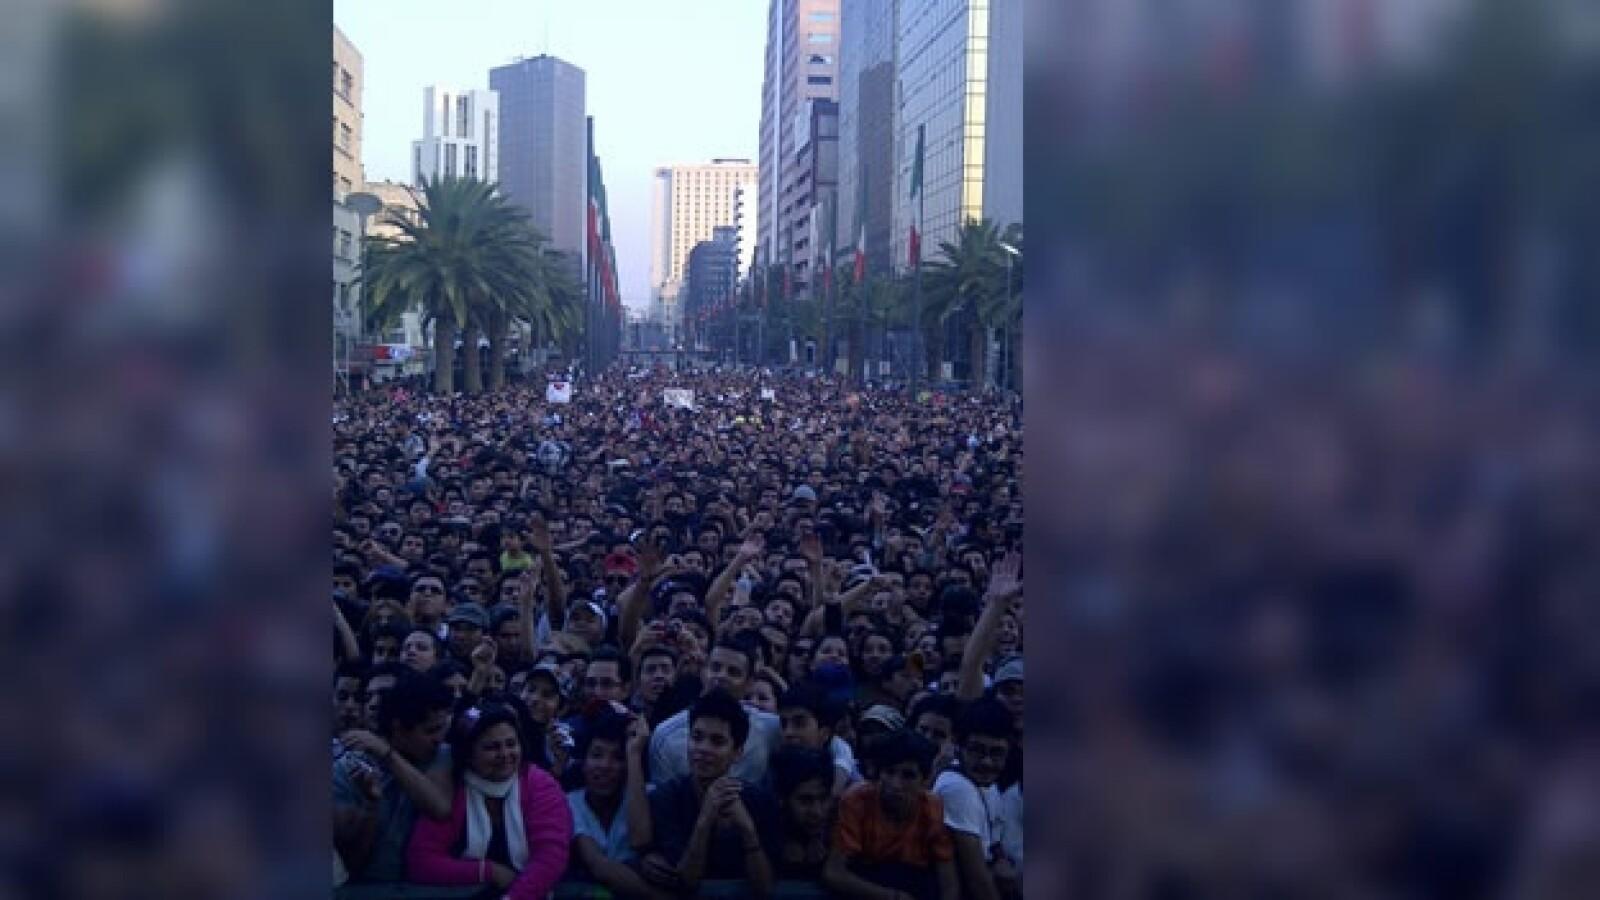 britney spears concierto gratis revolucion df ciudad de mexico